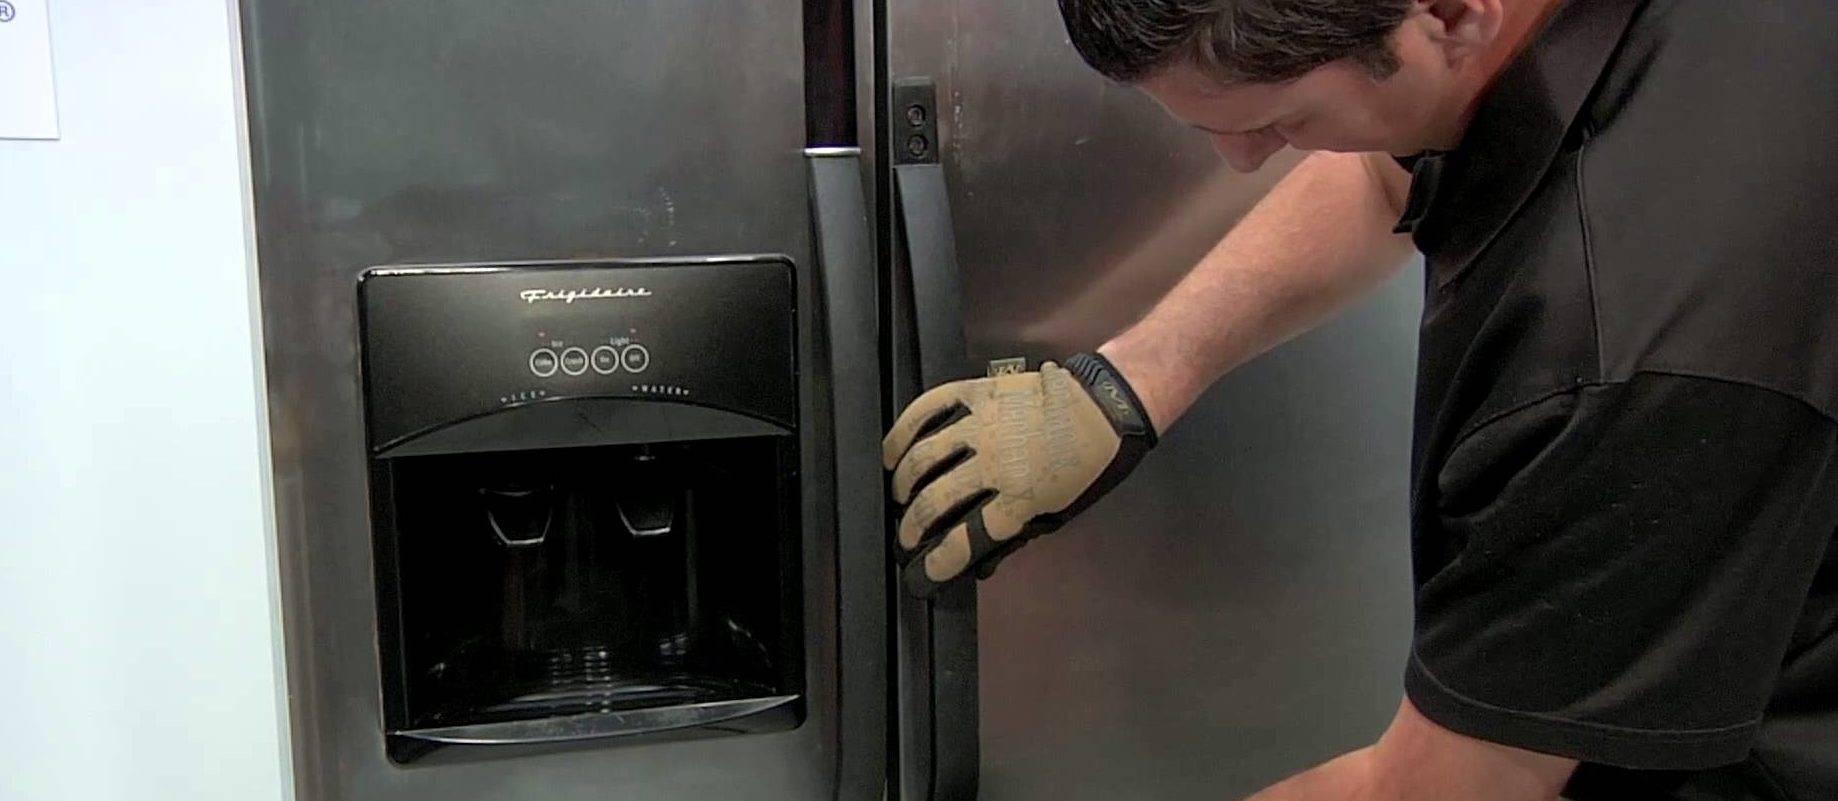 Холодильник: ремонт своими руками. как отремонтировать холодильник дома